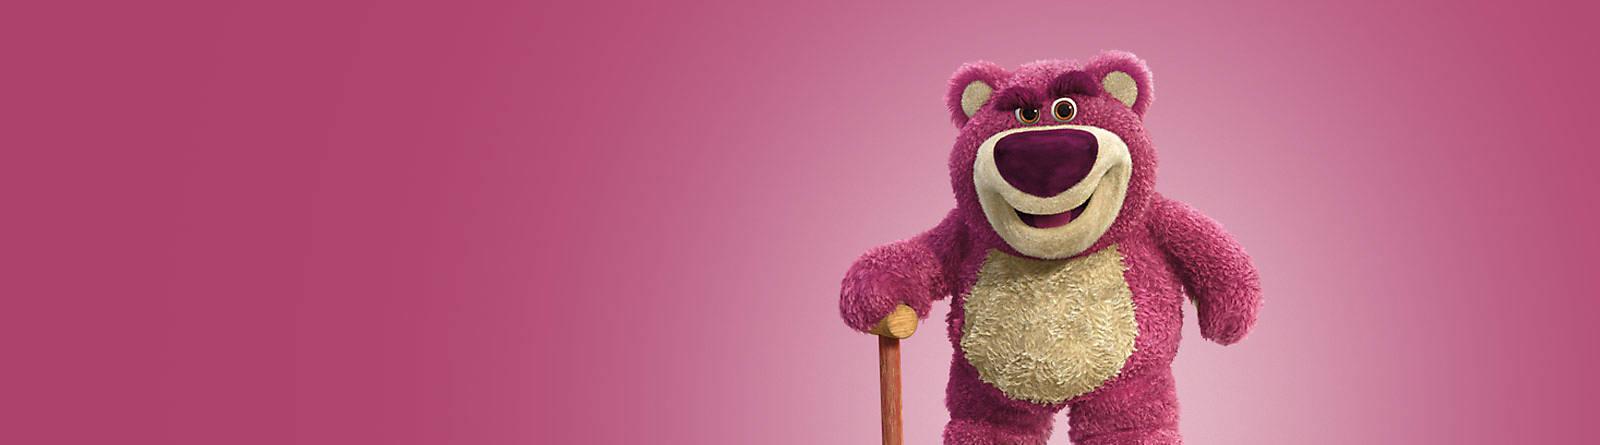 Lotso Descubre la colección de productos de Lotso, el oso amoroso de Toy Story. Hazte con tus favoritos. ¿A qué esperas?